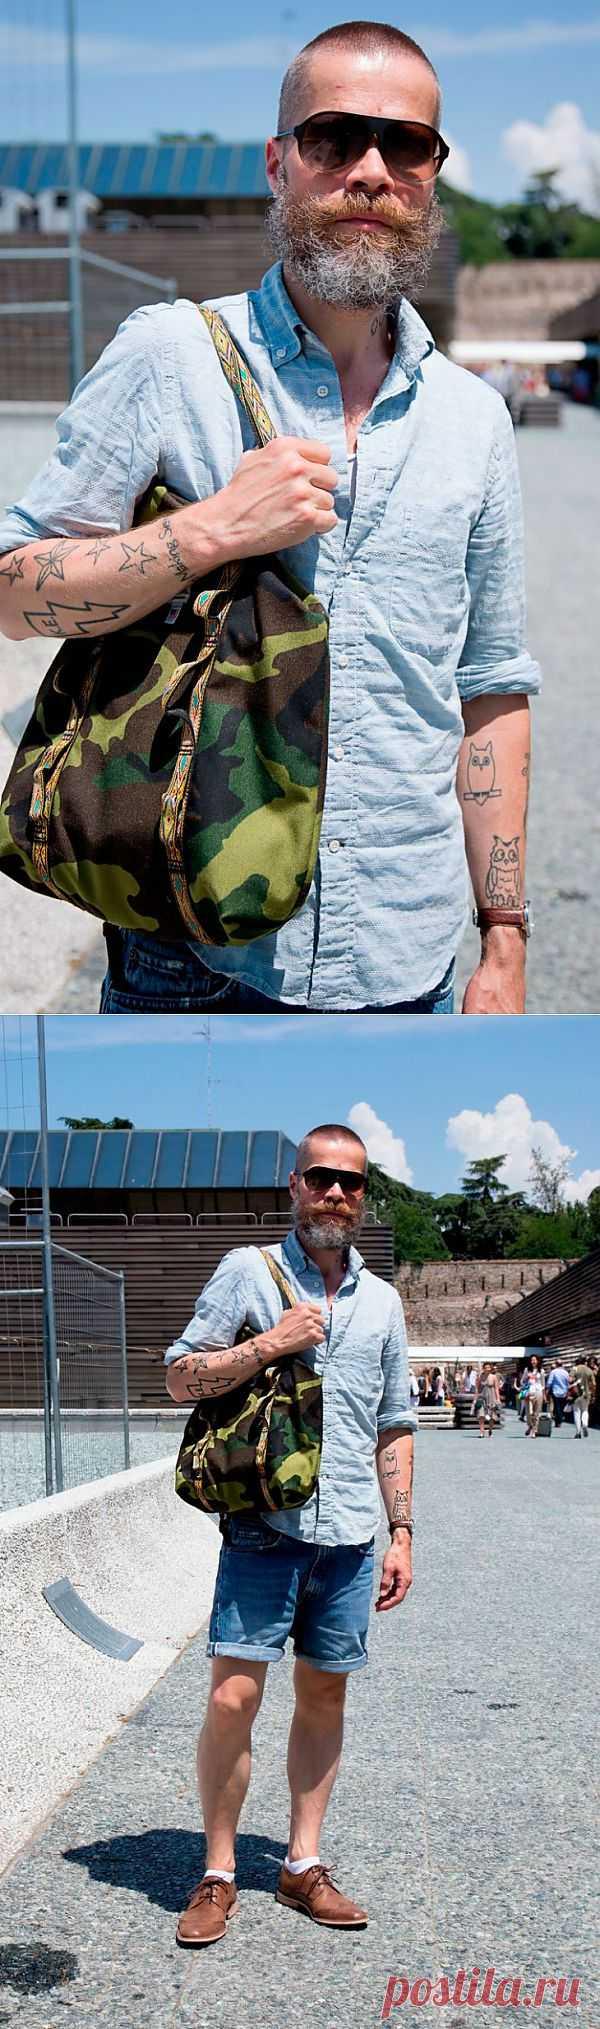 Мужская сумка камуфляж / Мужская мода / Модный сайт о стильной переделке одежды и интерьера